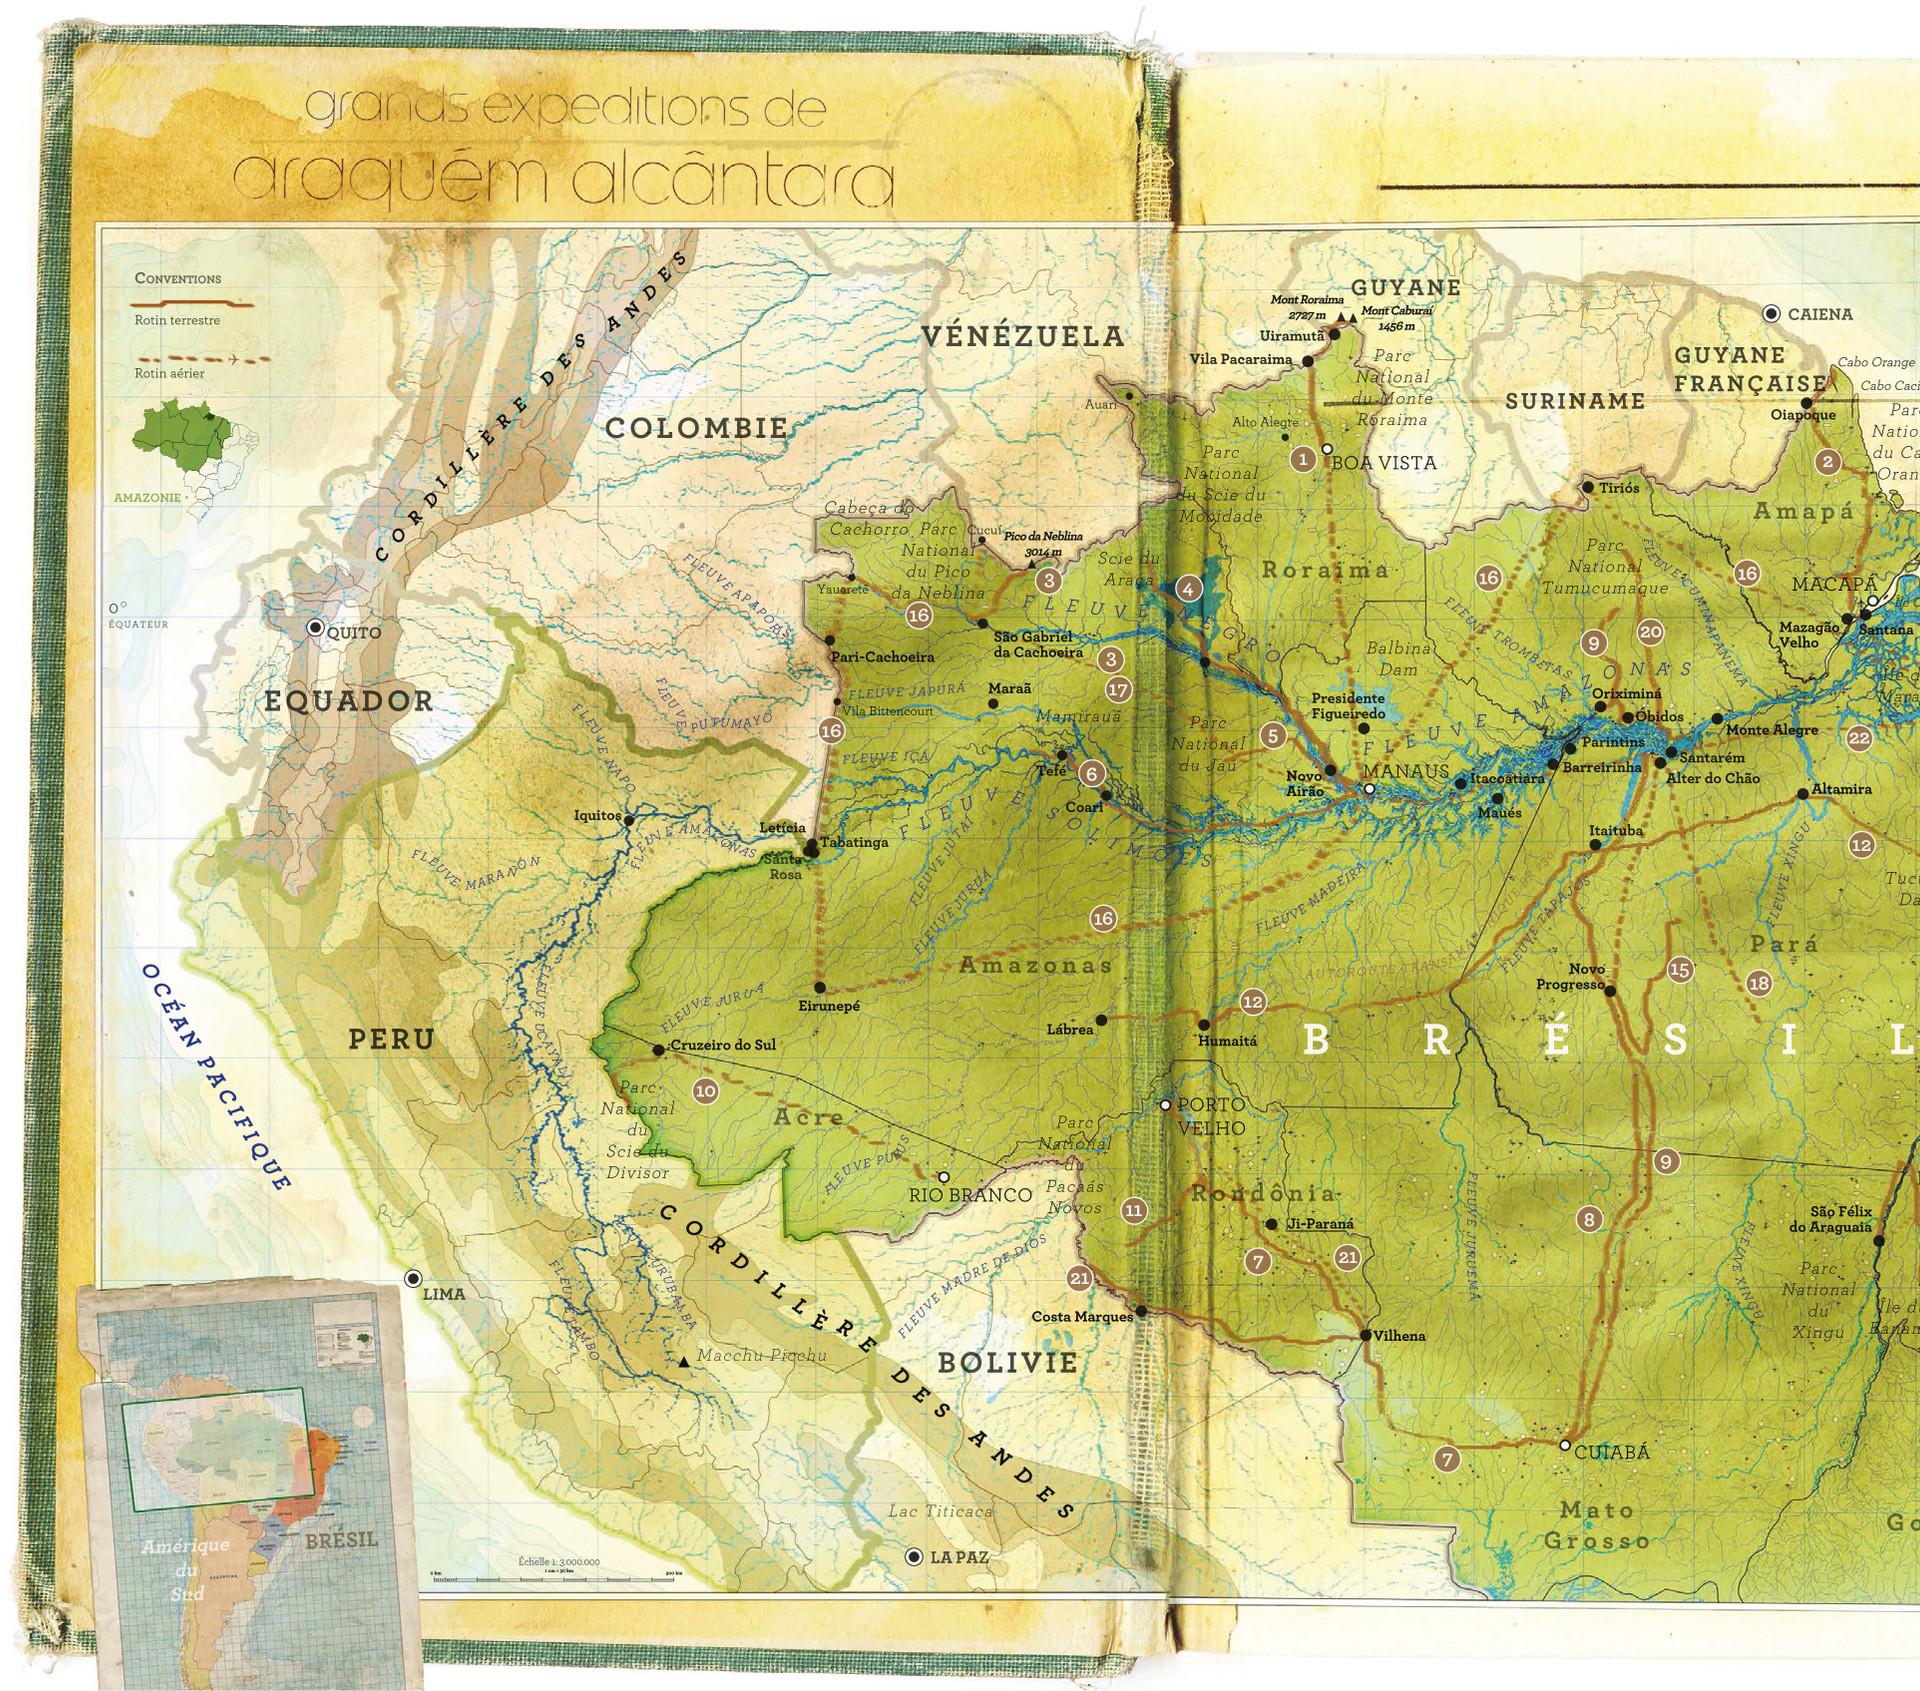 Percursos de Araquém Alcântara na Amazônia